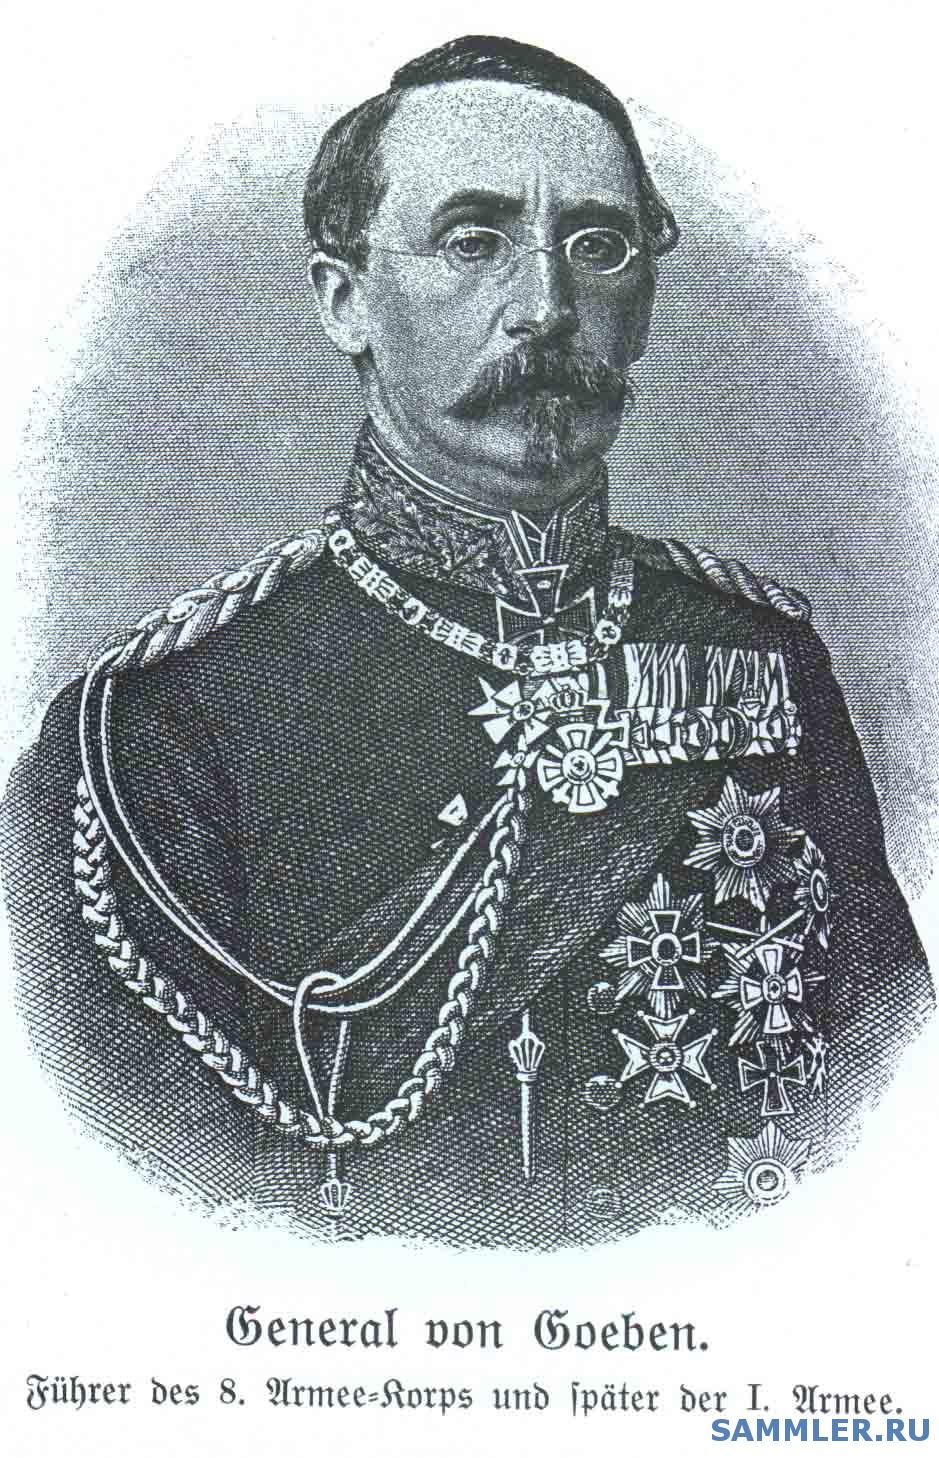 2._General_der_Infanterie_August_Karl_Friedrich_Christian_von_Goeben.jpg